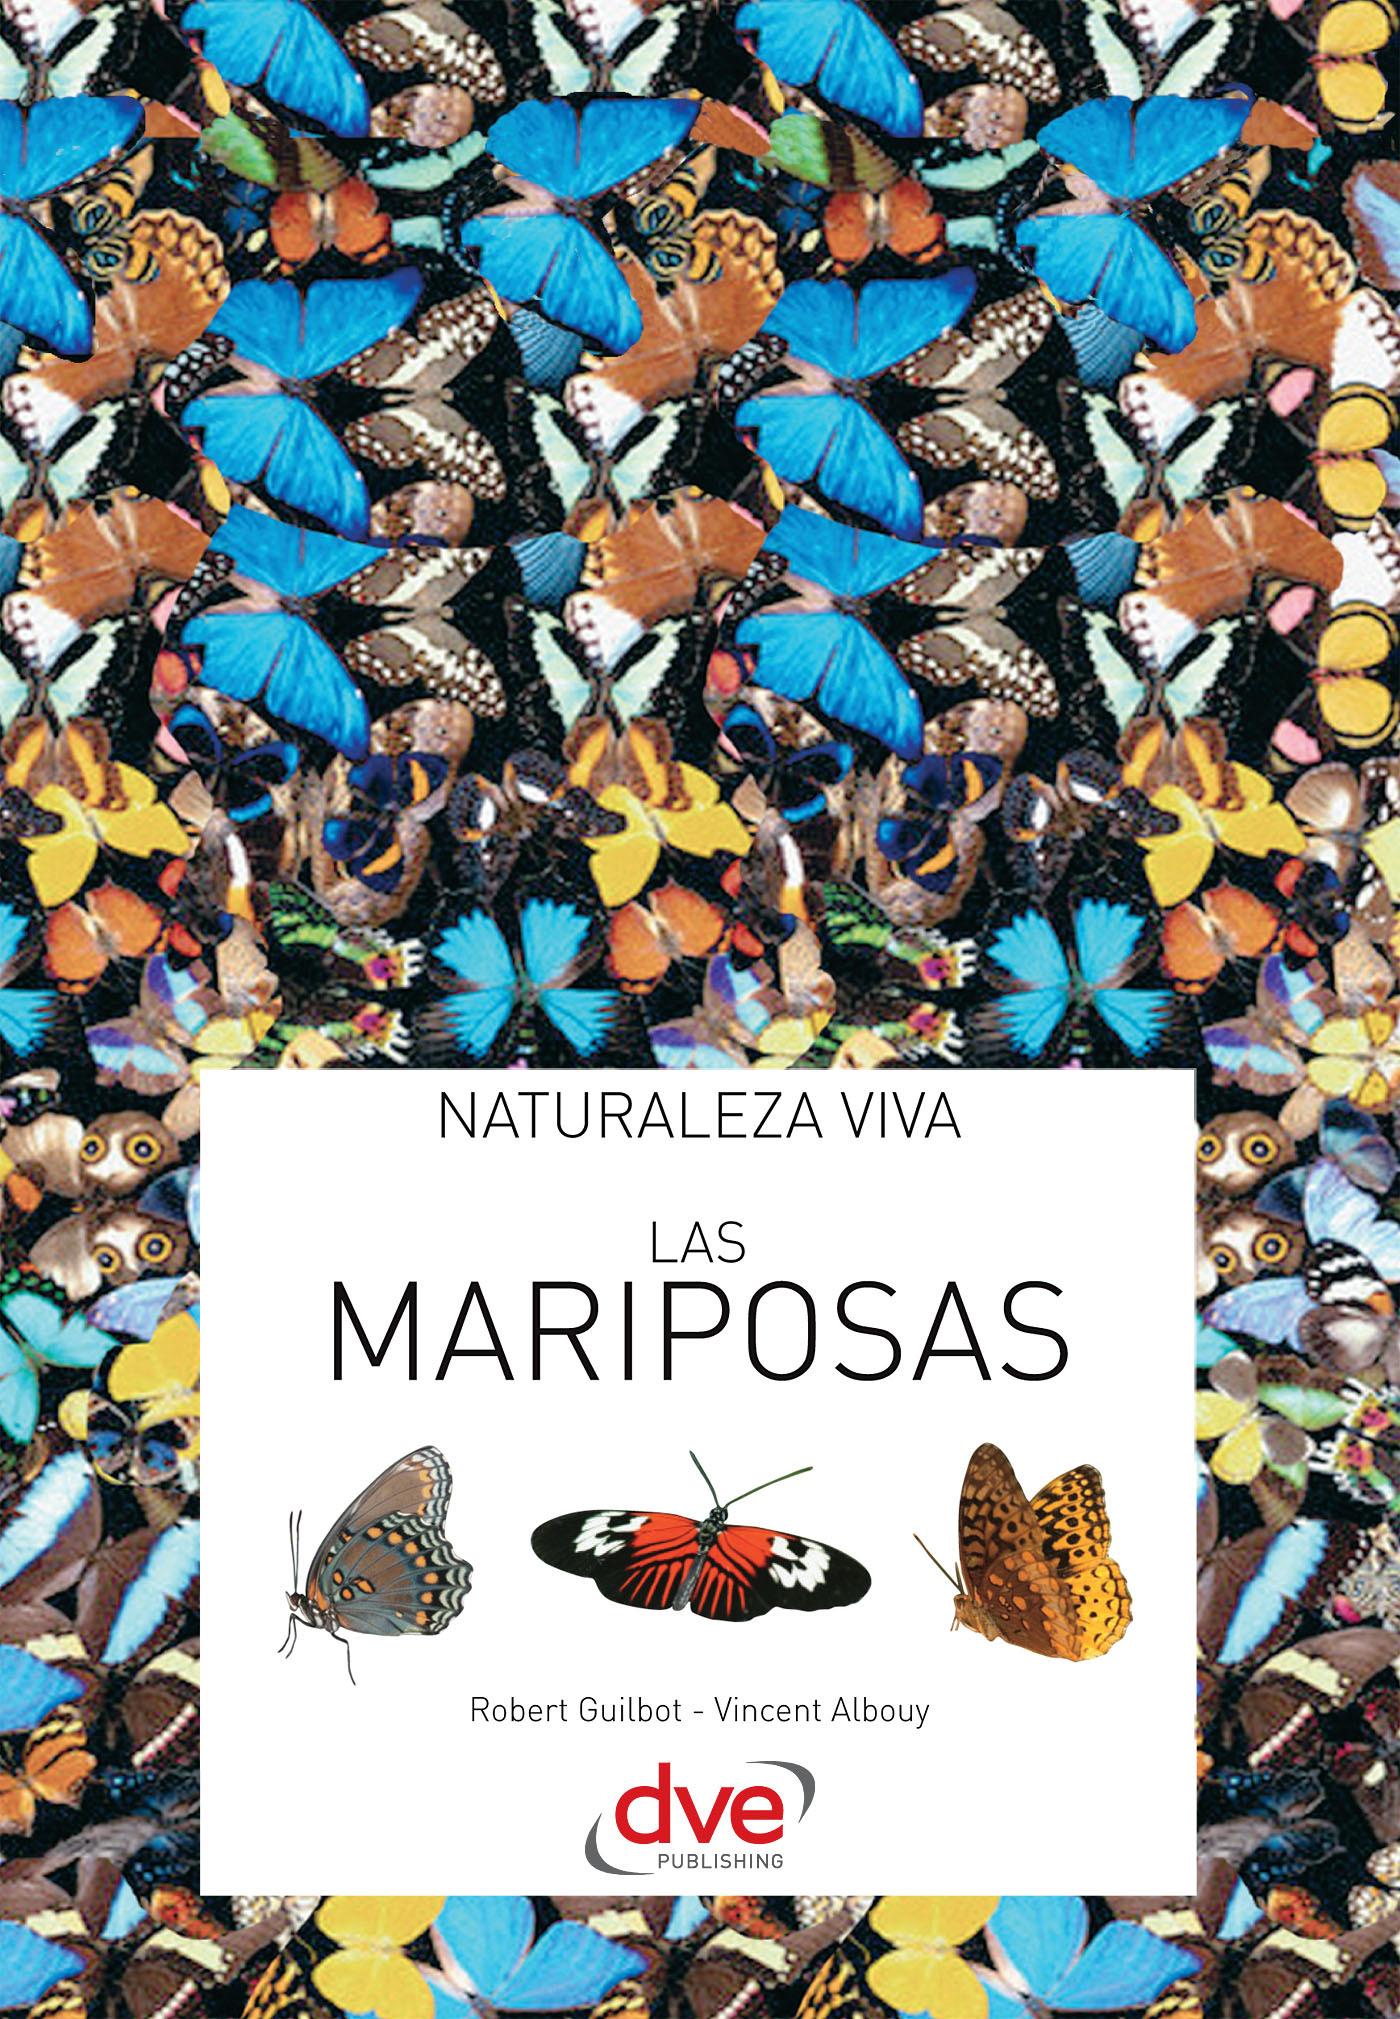 Albouy, Vincent - Las mariposas, ebook